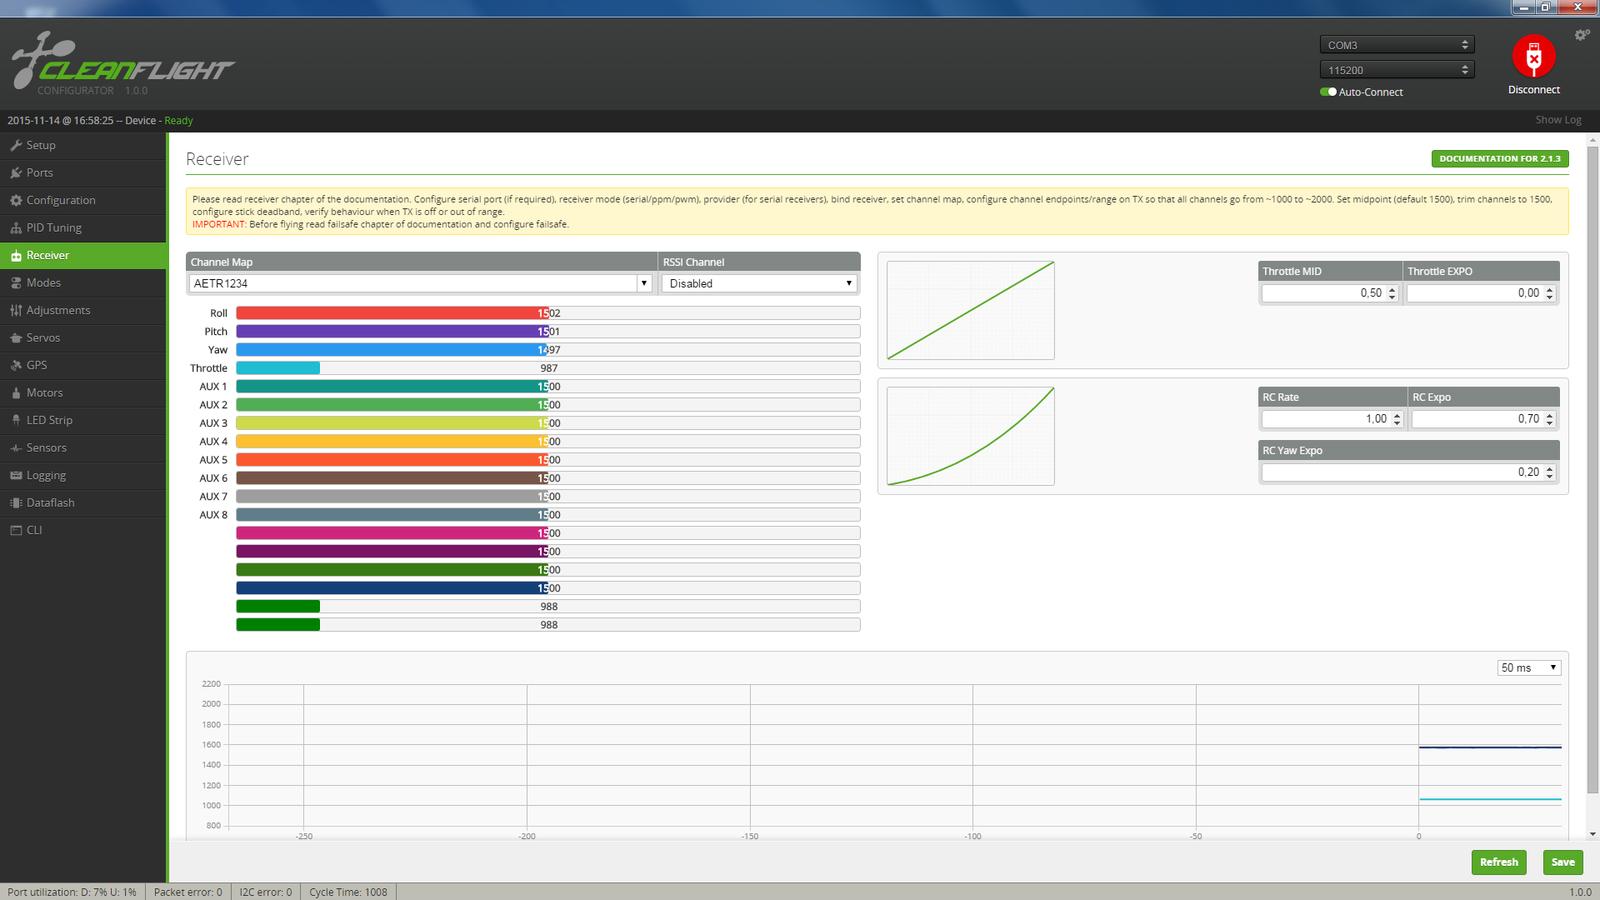 Betaflight 2.1.2